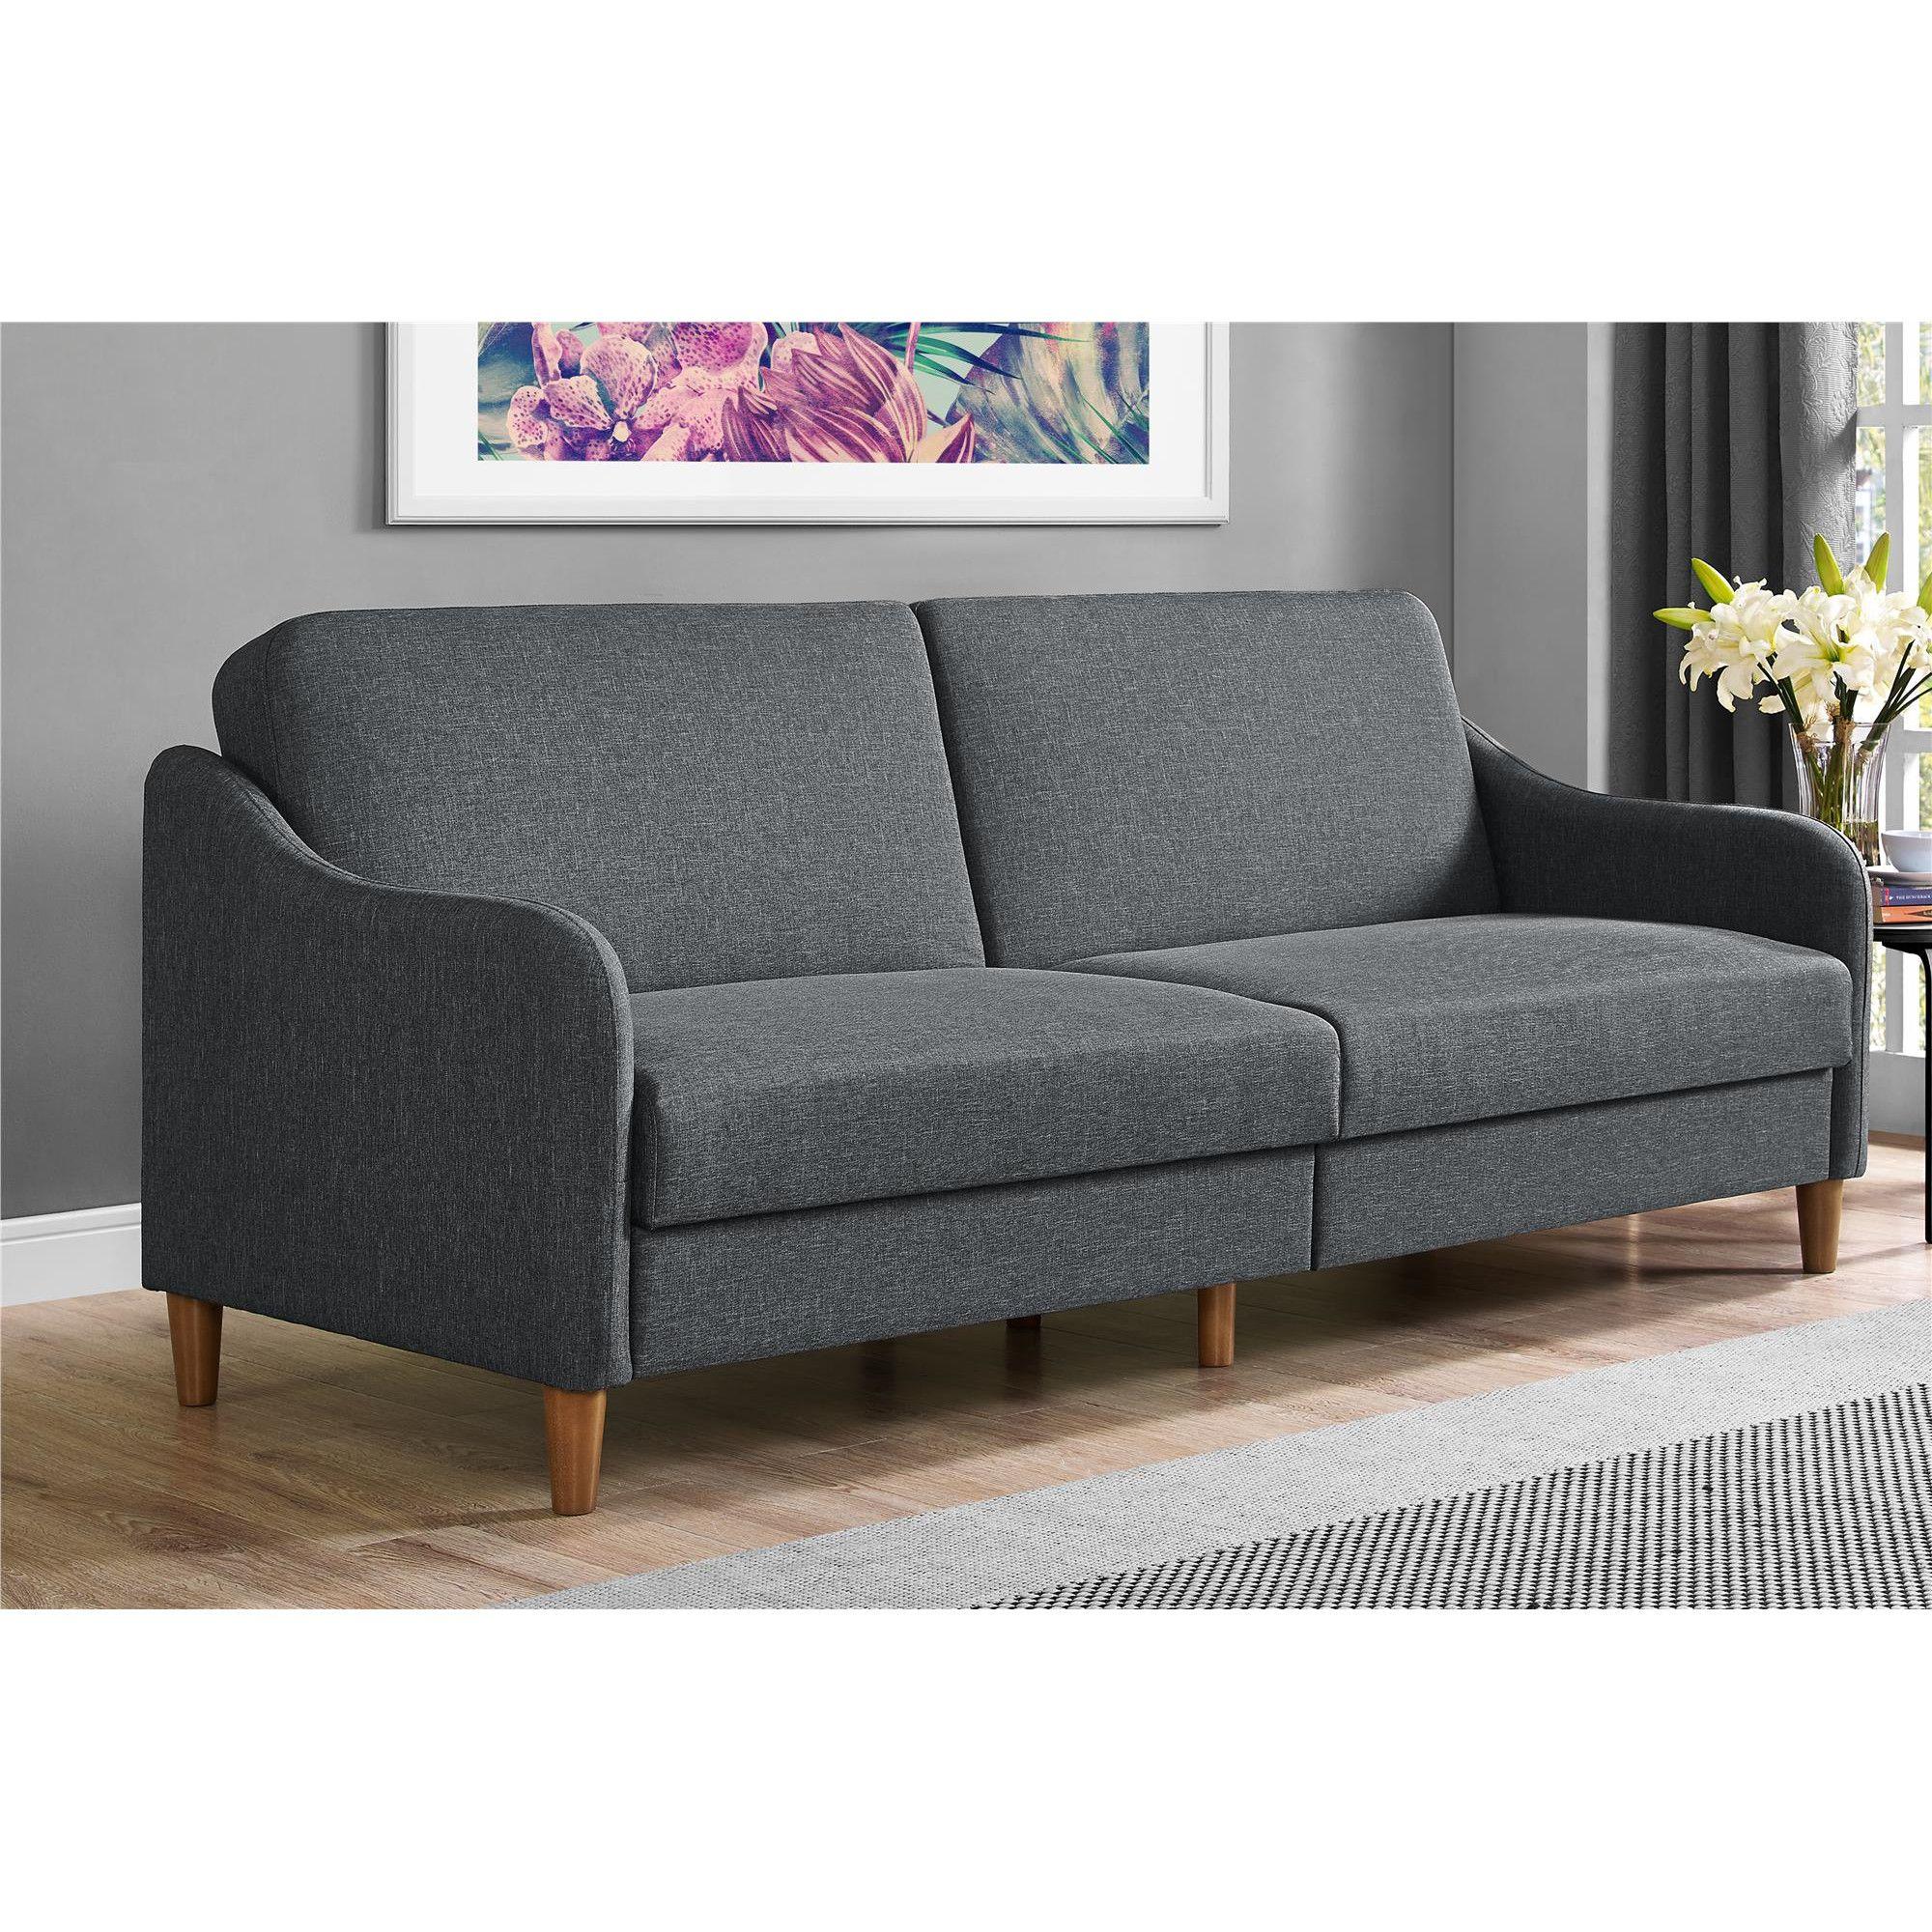 Remy Sleeper Sofa Reviews Joss Main Home Pinterest Sleeper